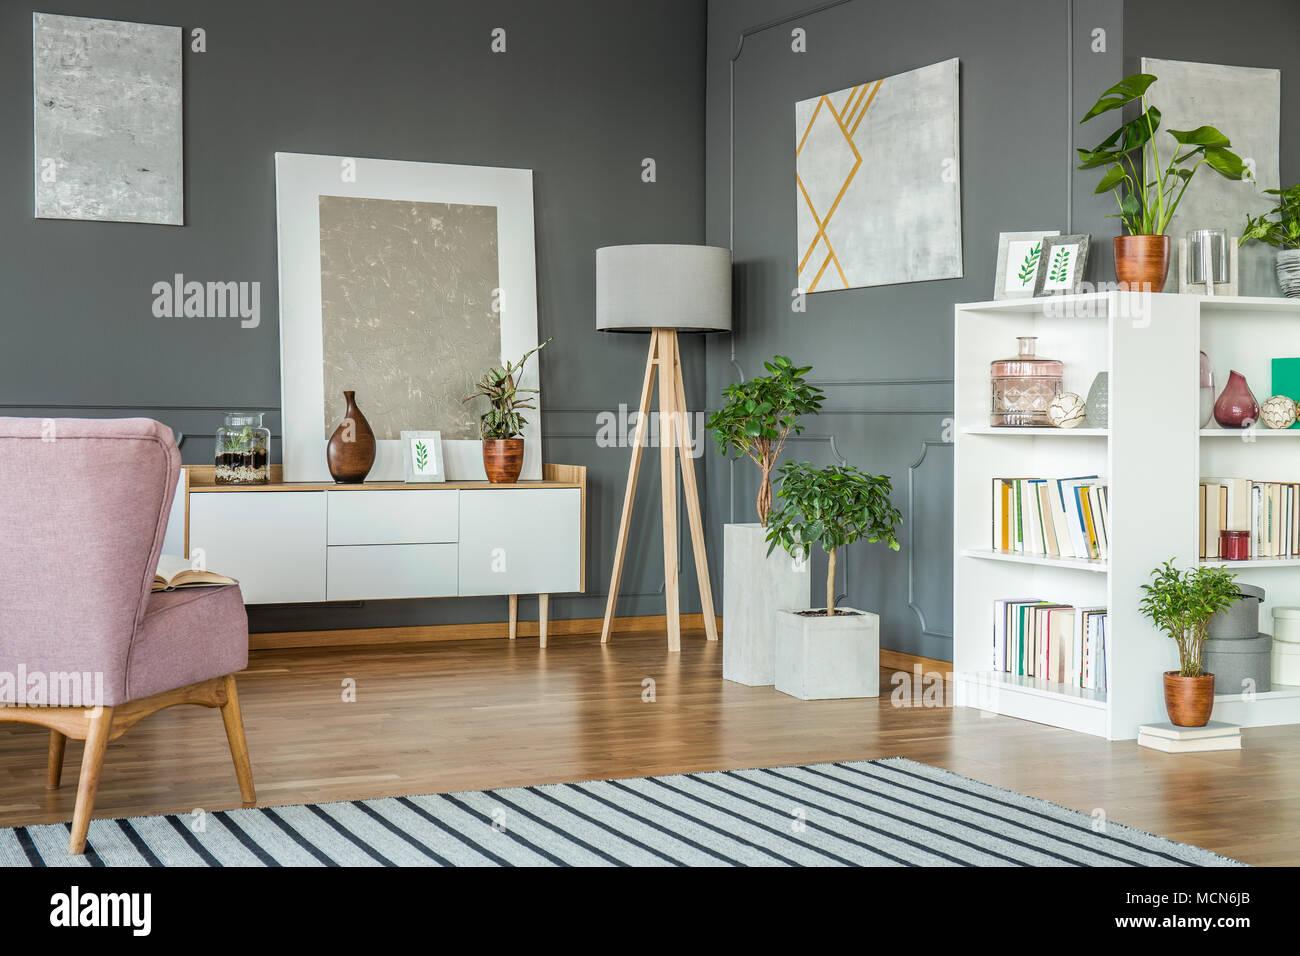 Rosa Sessel In Grau Wohnzimmer Einrichtung Mit Holz Lampe Zwischen Weissen Schrank Und Pflanzen Stockfotografie Alamy